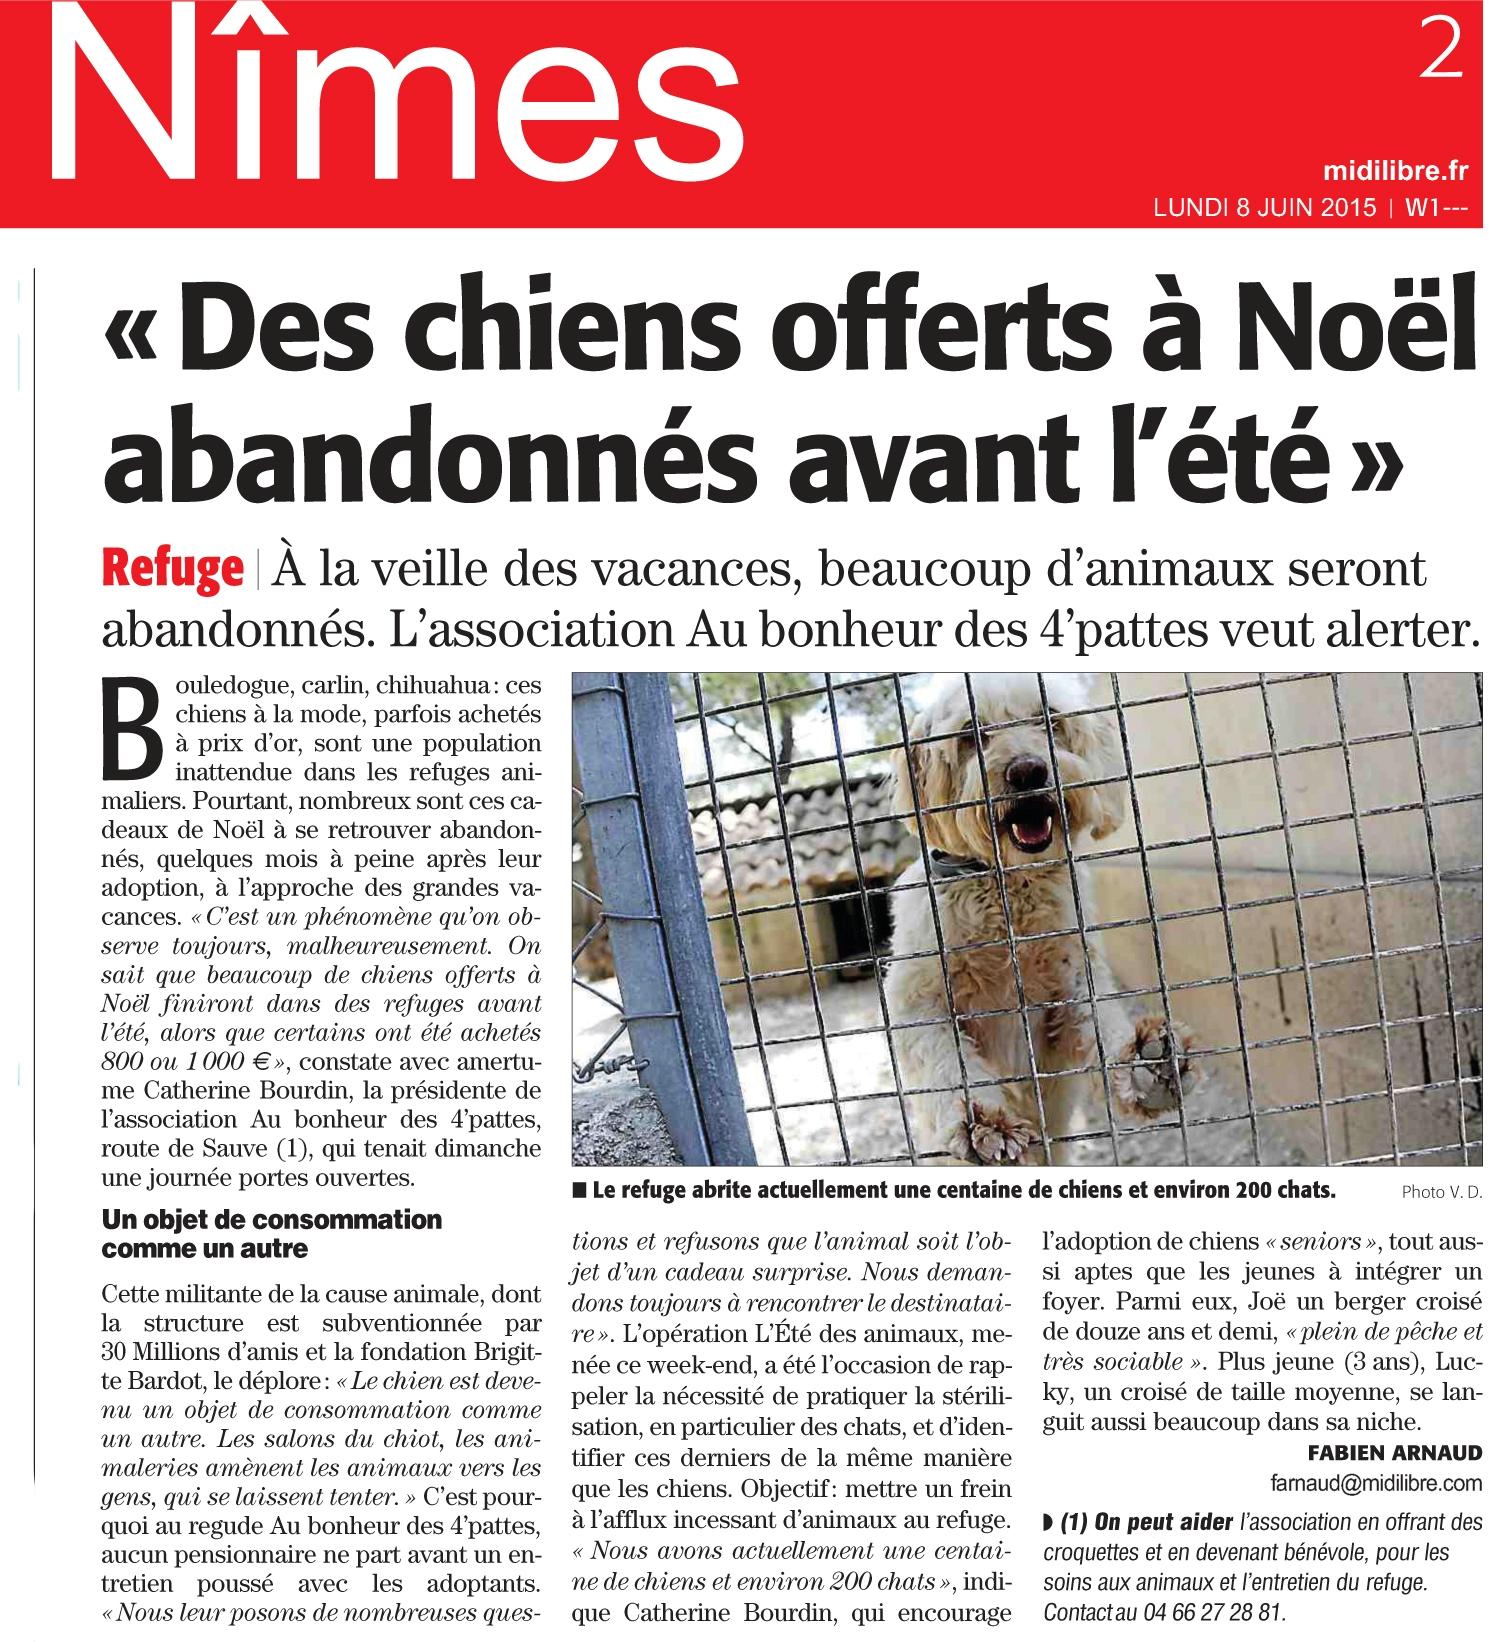 http://aubonheurdes4pattes.com/wp-content/uploads/2015/06/NIMES-4.1.jpg